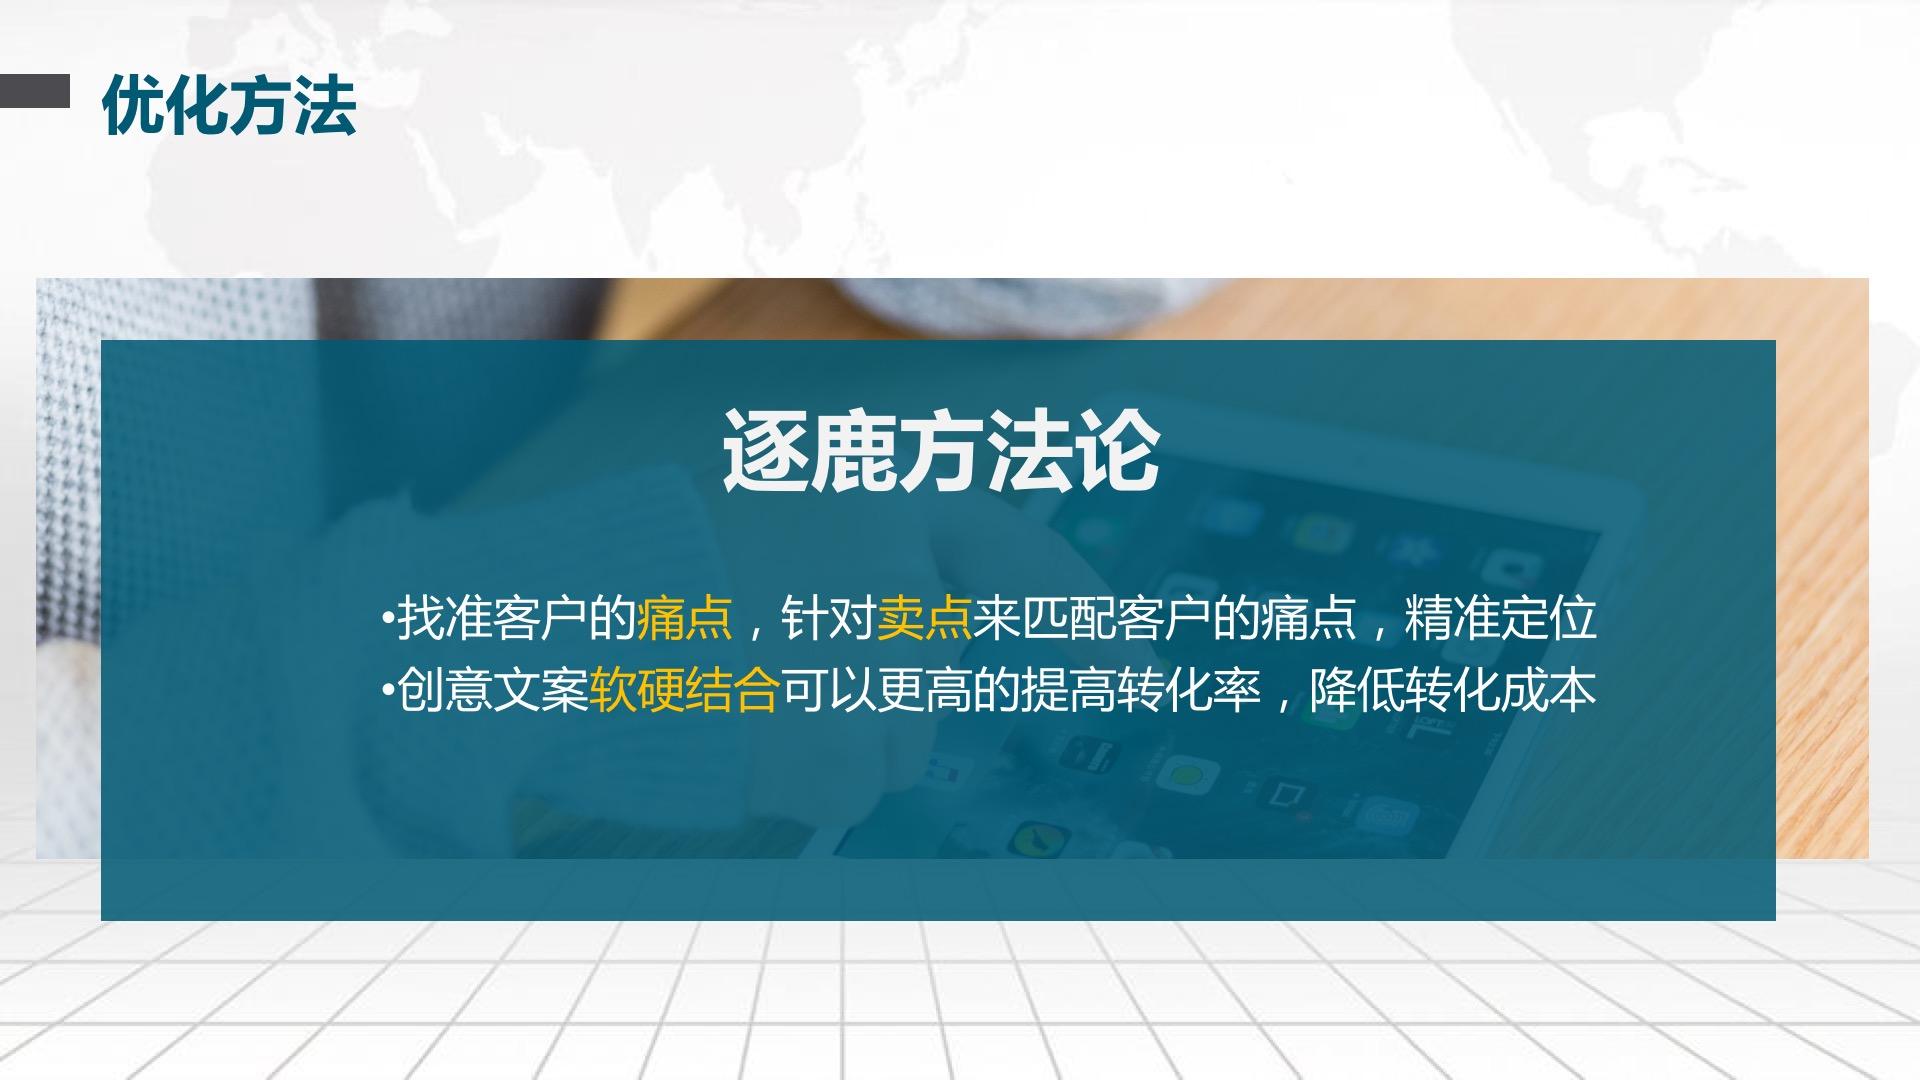 172 三九参智生态科技行业通案--王悦.jpg